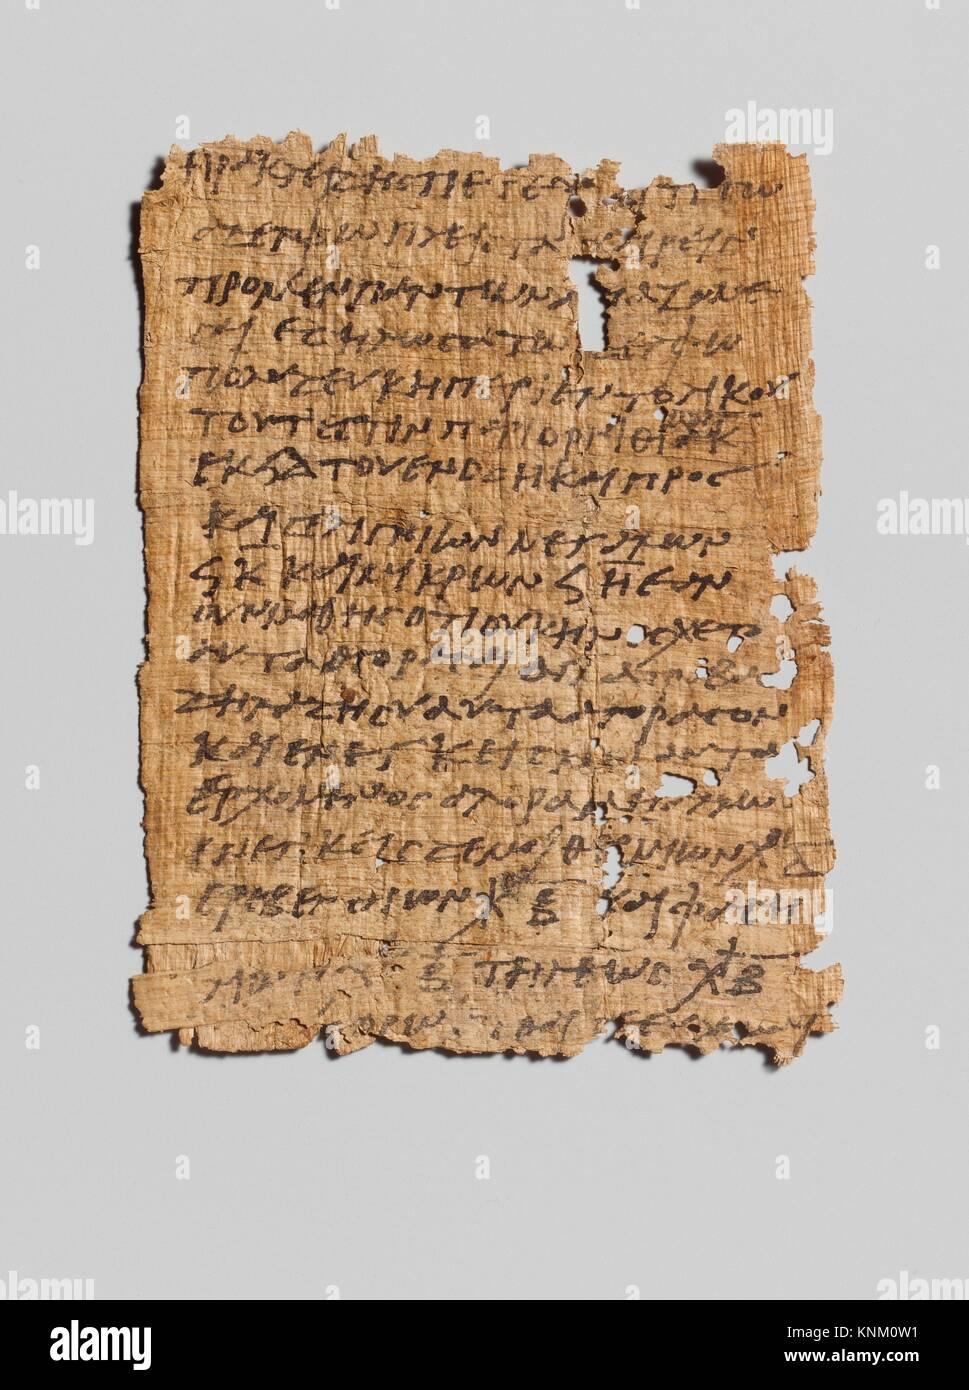 griechisch schreiben